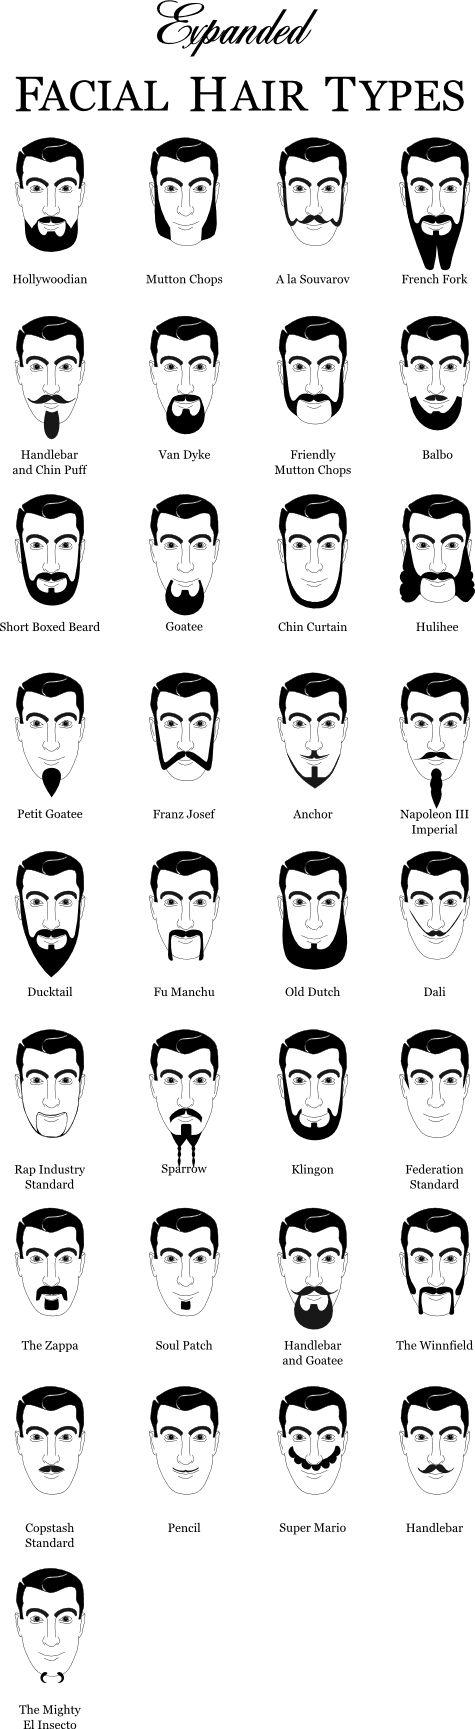 Distintos modelos de barbas y bigotes